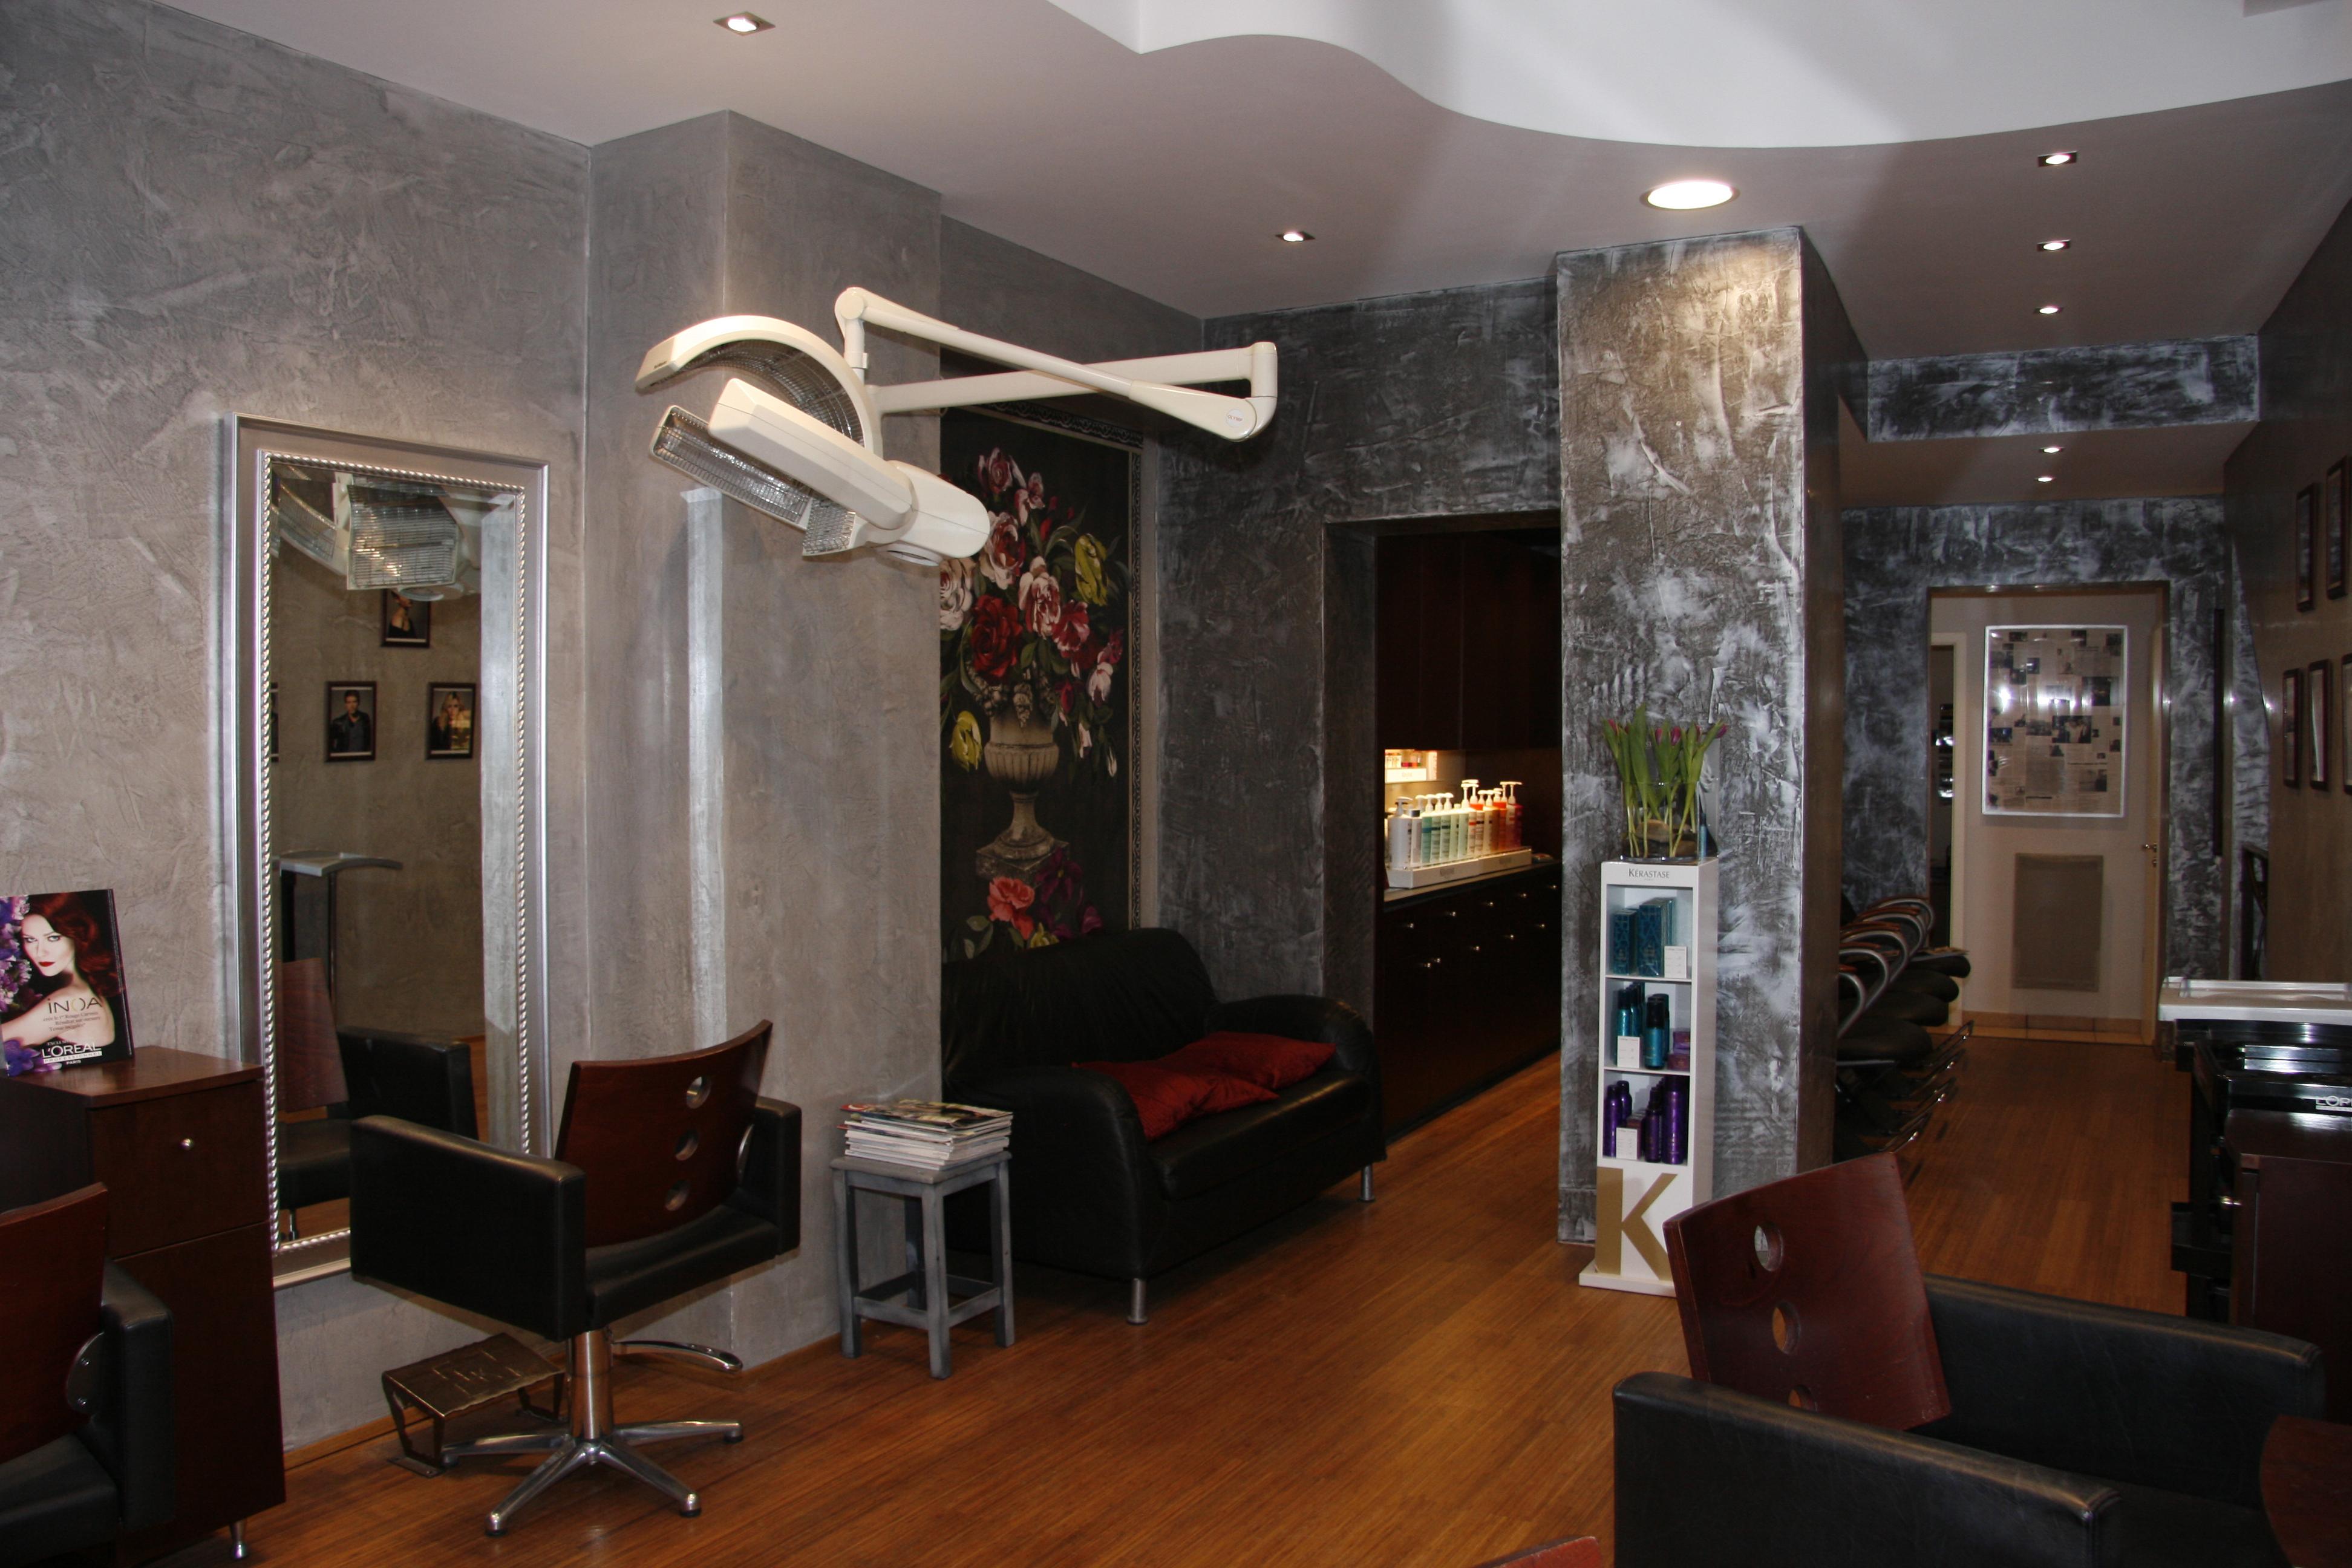 Salon De Coiffure Kraemer Rue Henriette Mulhouse - Kraemer Coiffure Paris